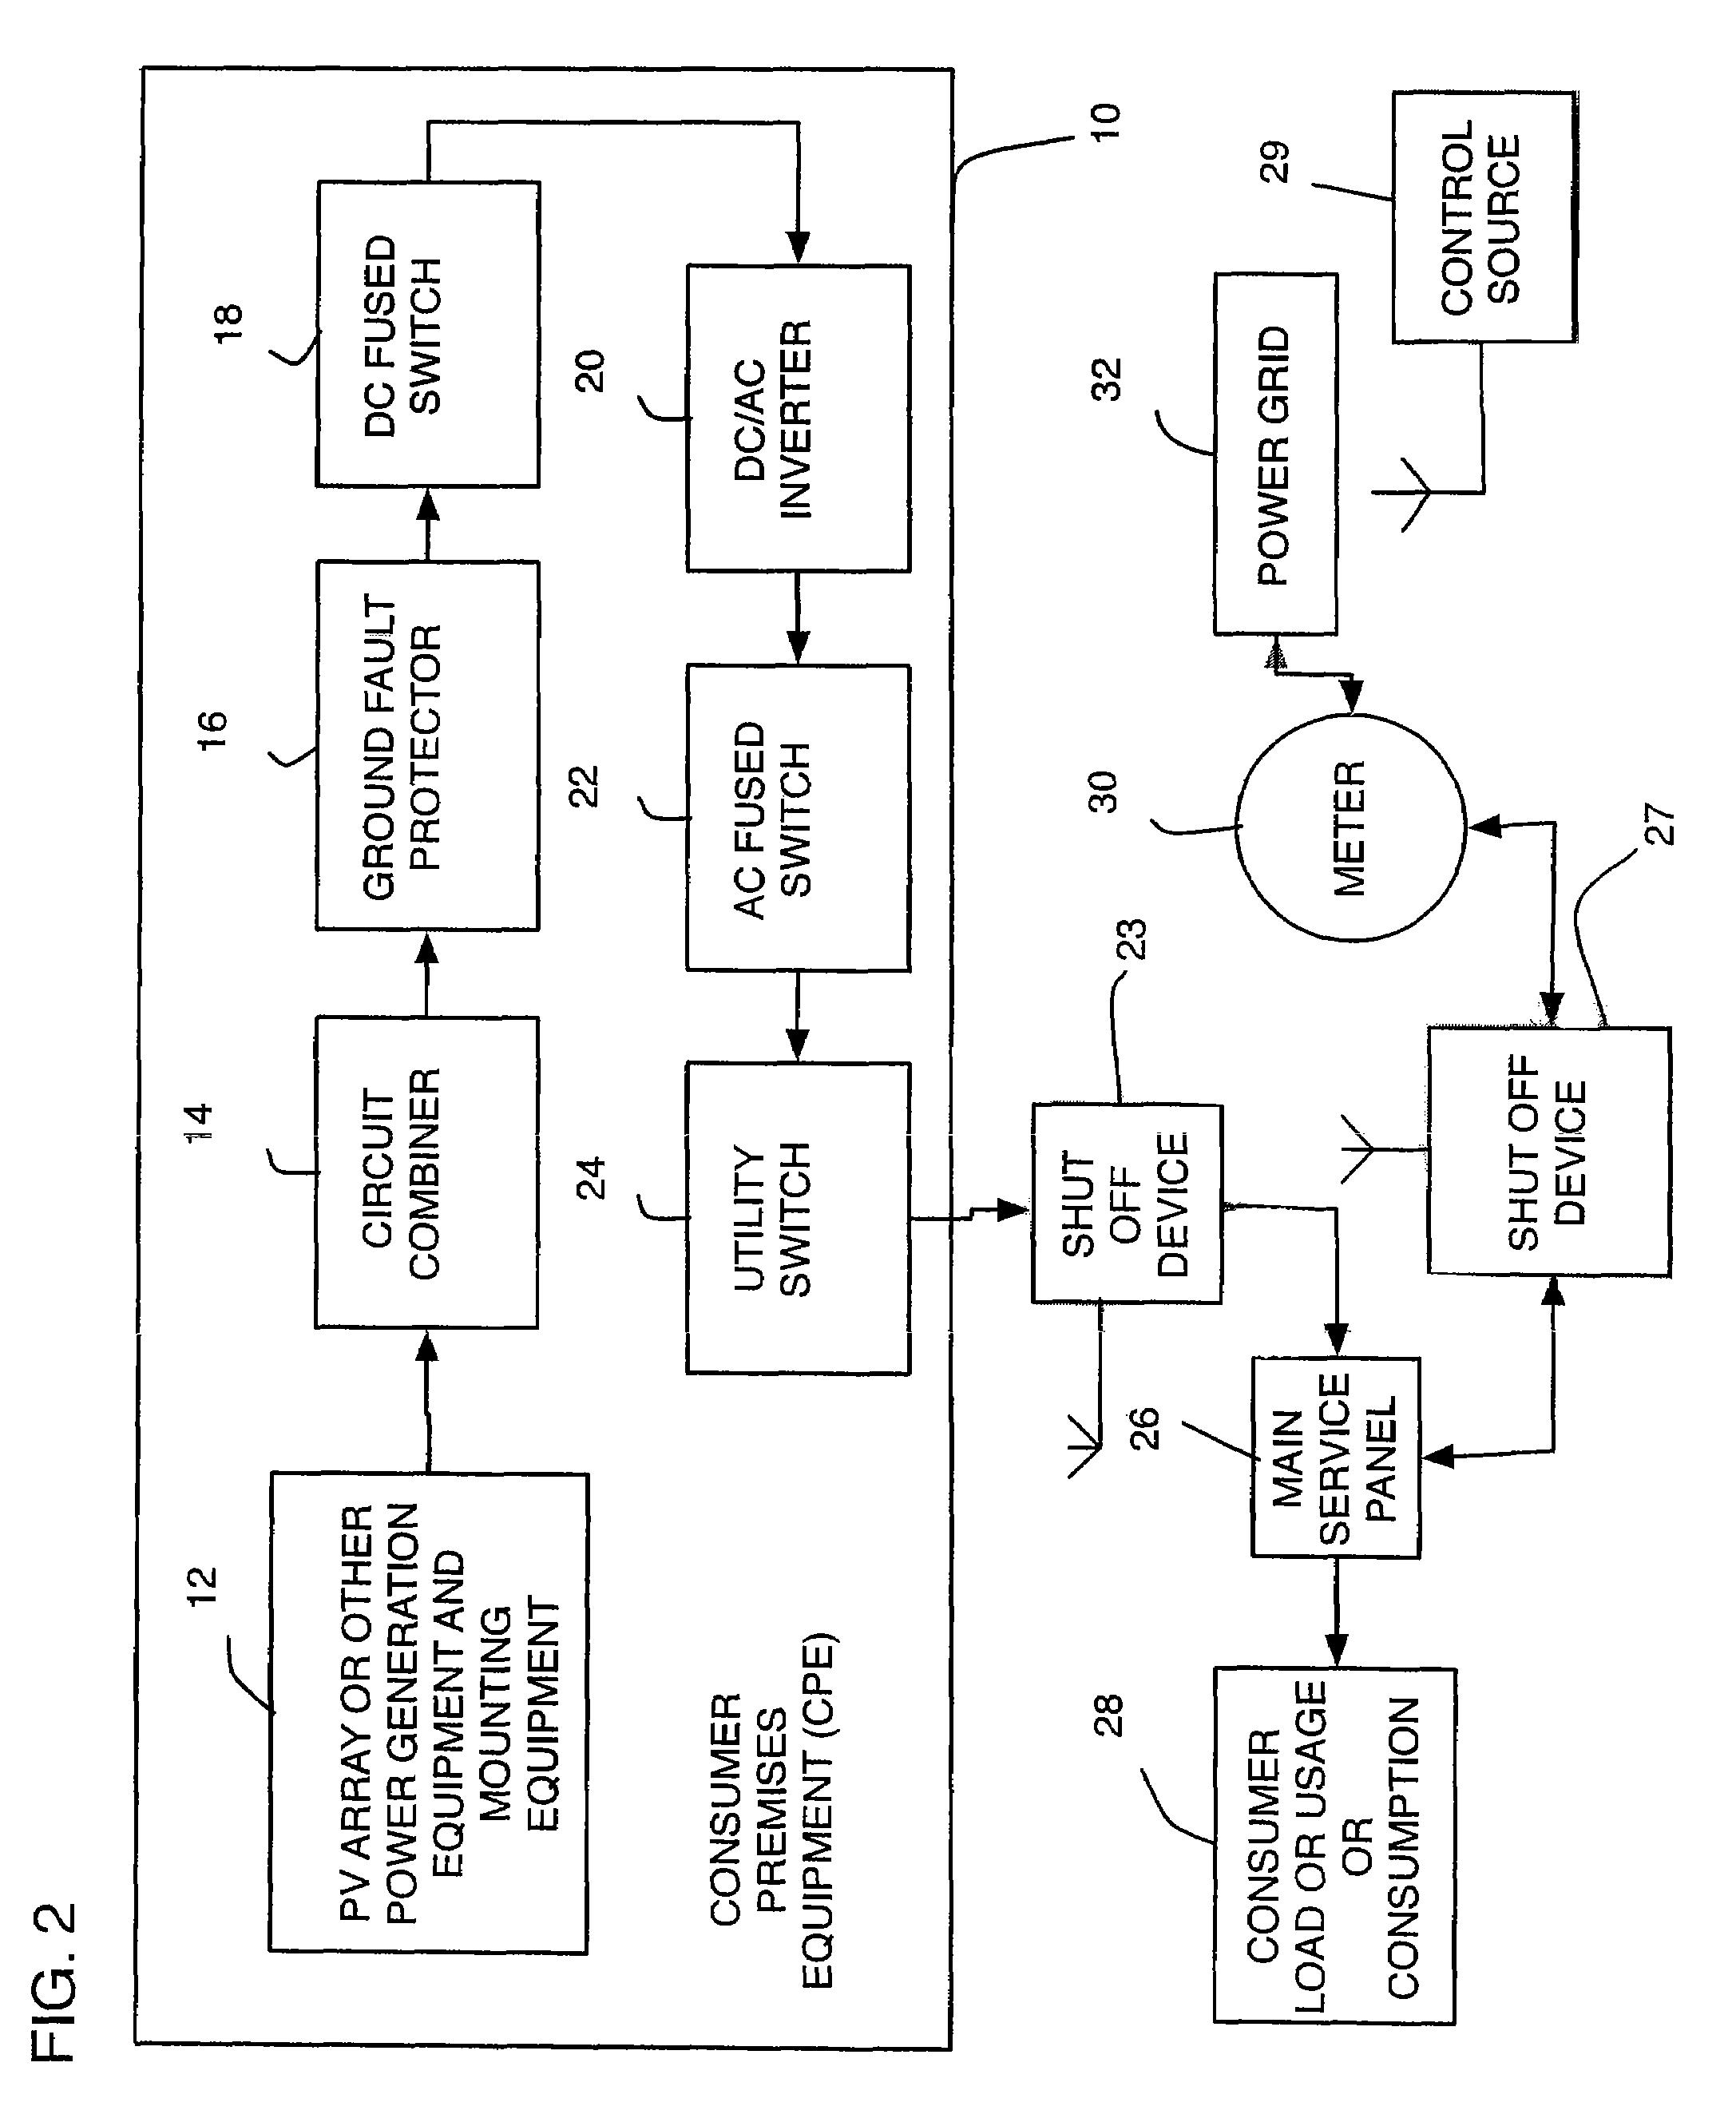 patent us7698219